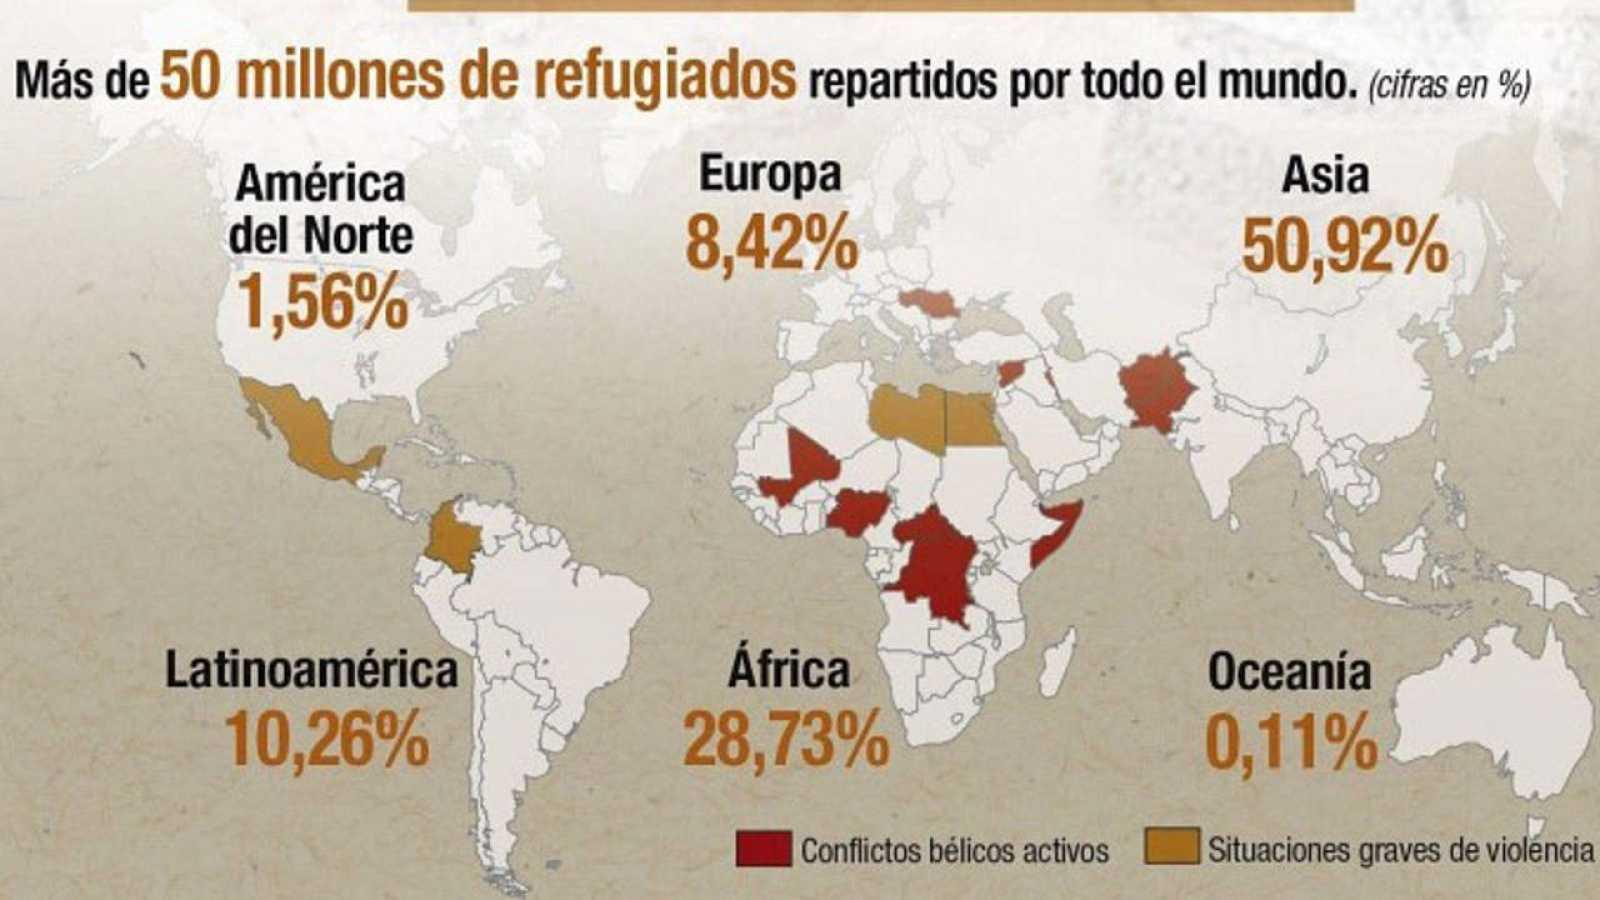 50 millones de refugiados, repartidos en continentes. EFE.